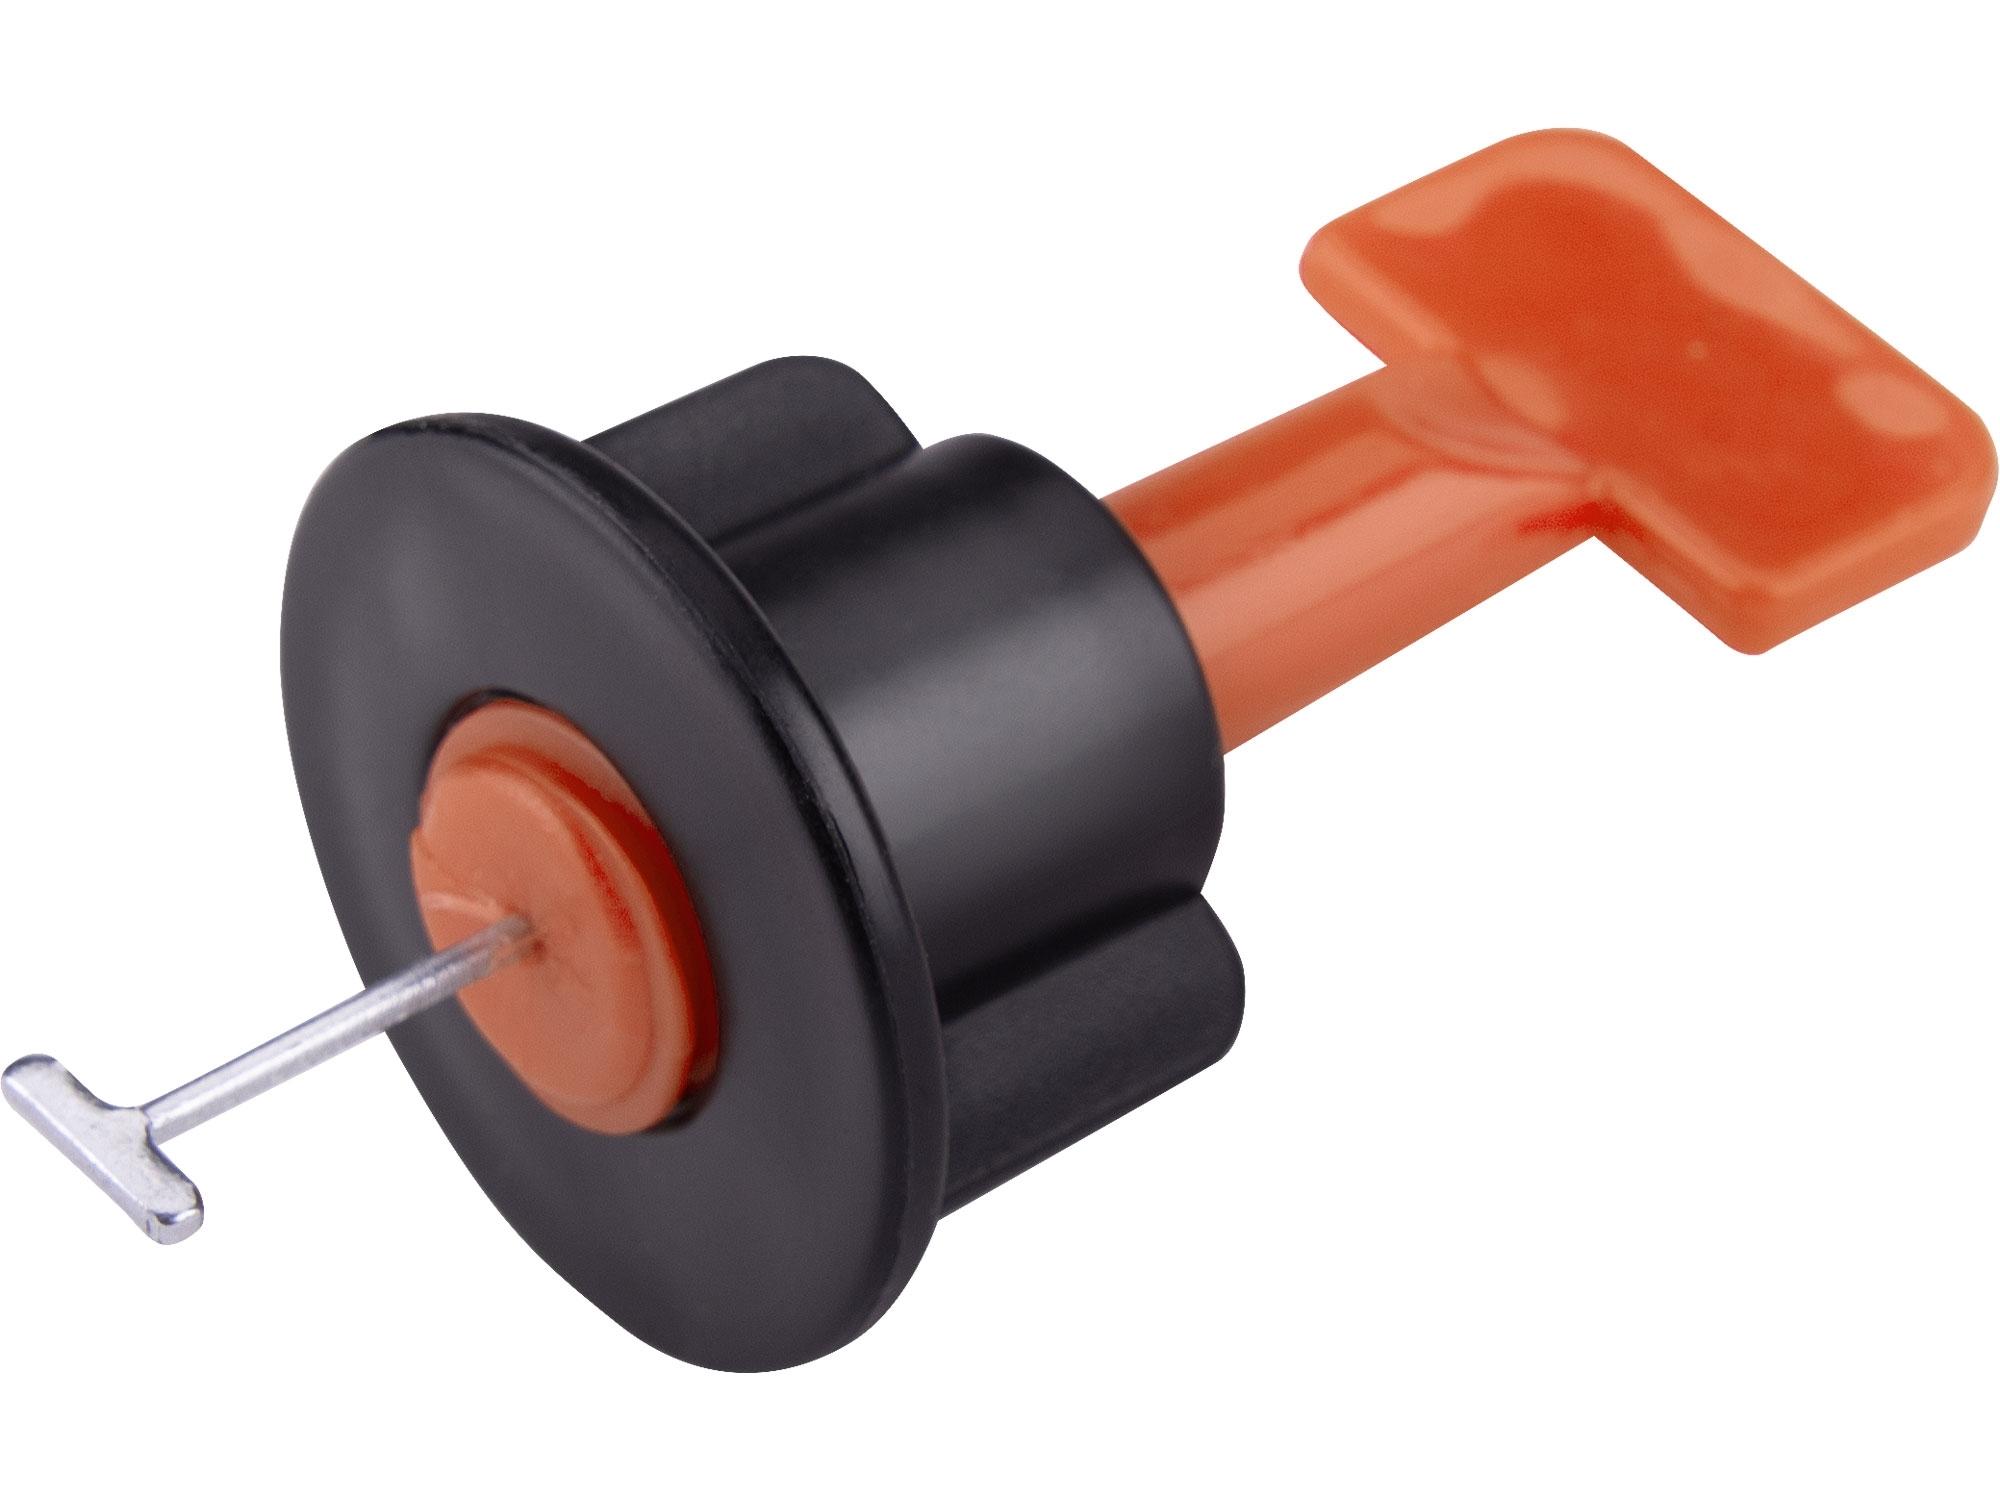 distanční/nivelační klipy opakovaně použitelné, sada 50ks, pro vyrovnání obkladů/dlažby až do jejich max. tloušťky 17mm